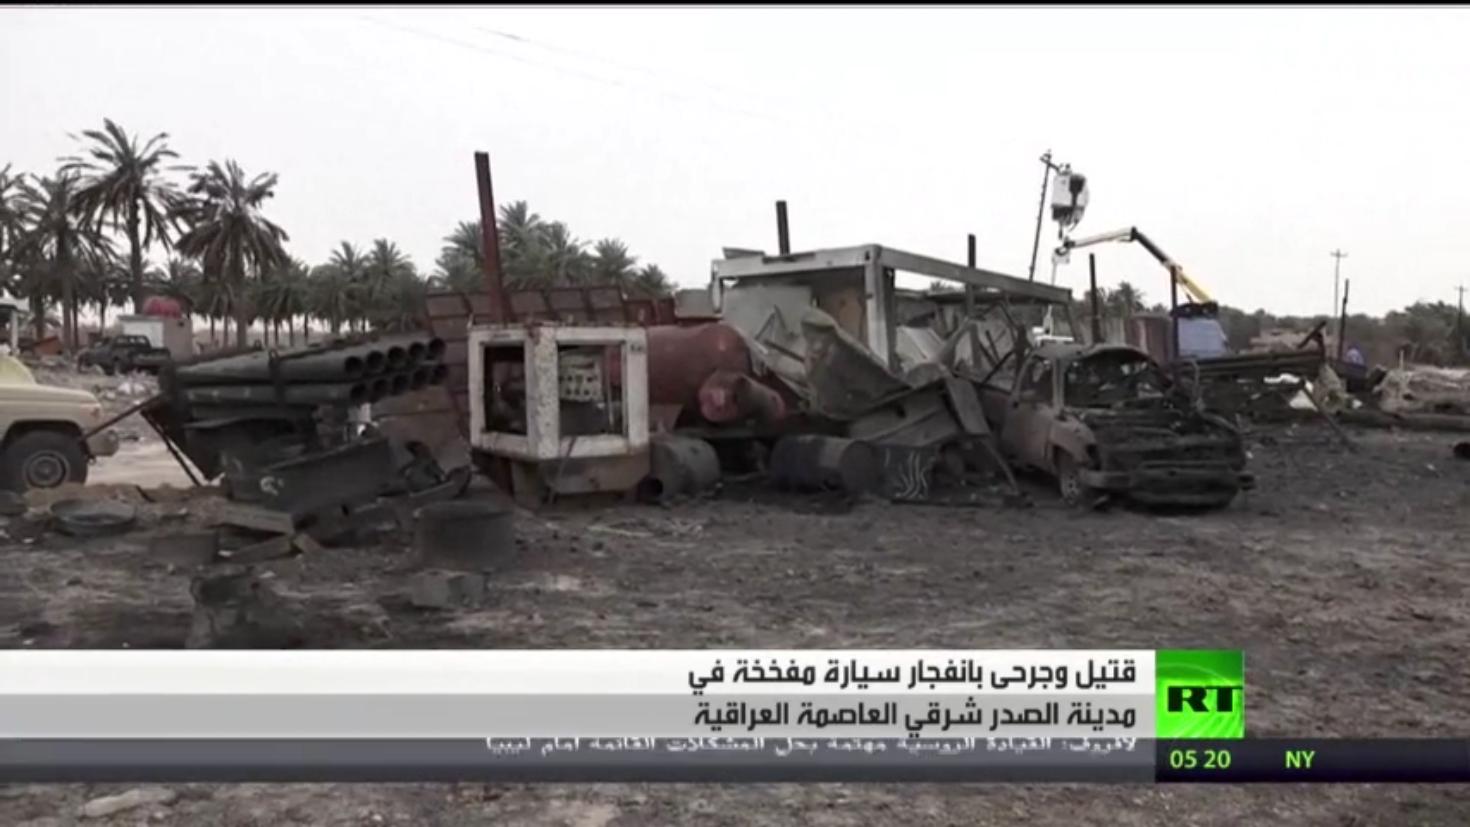 مقتل شخص وإصابة آخرين جراء انفجار في بغداد